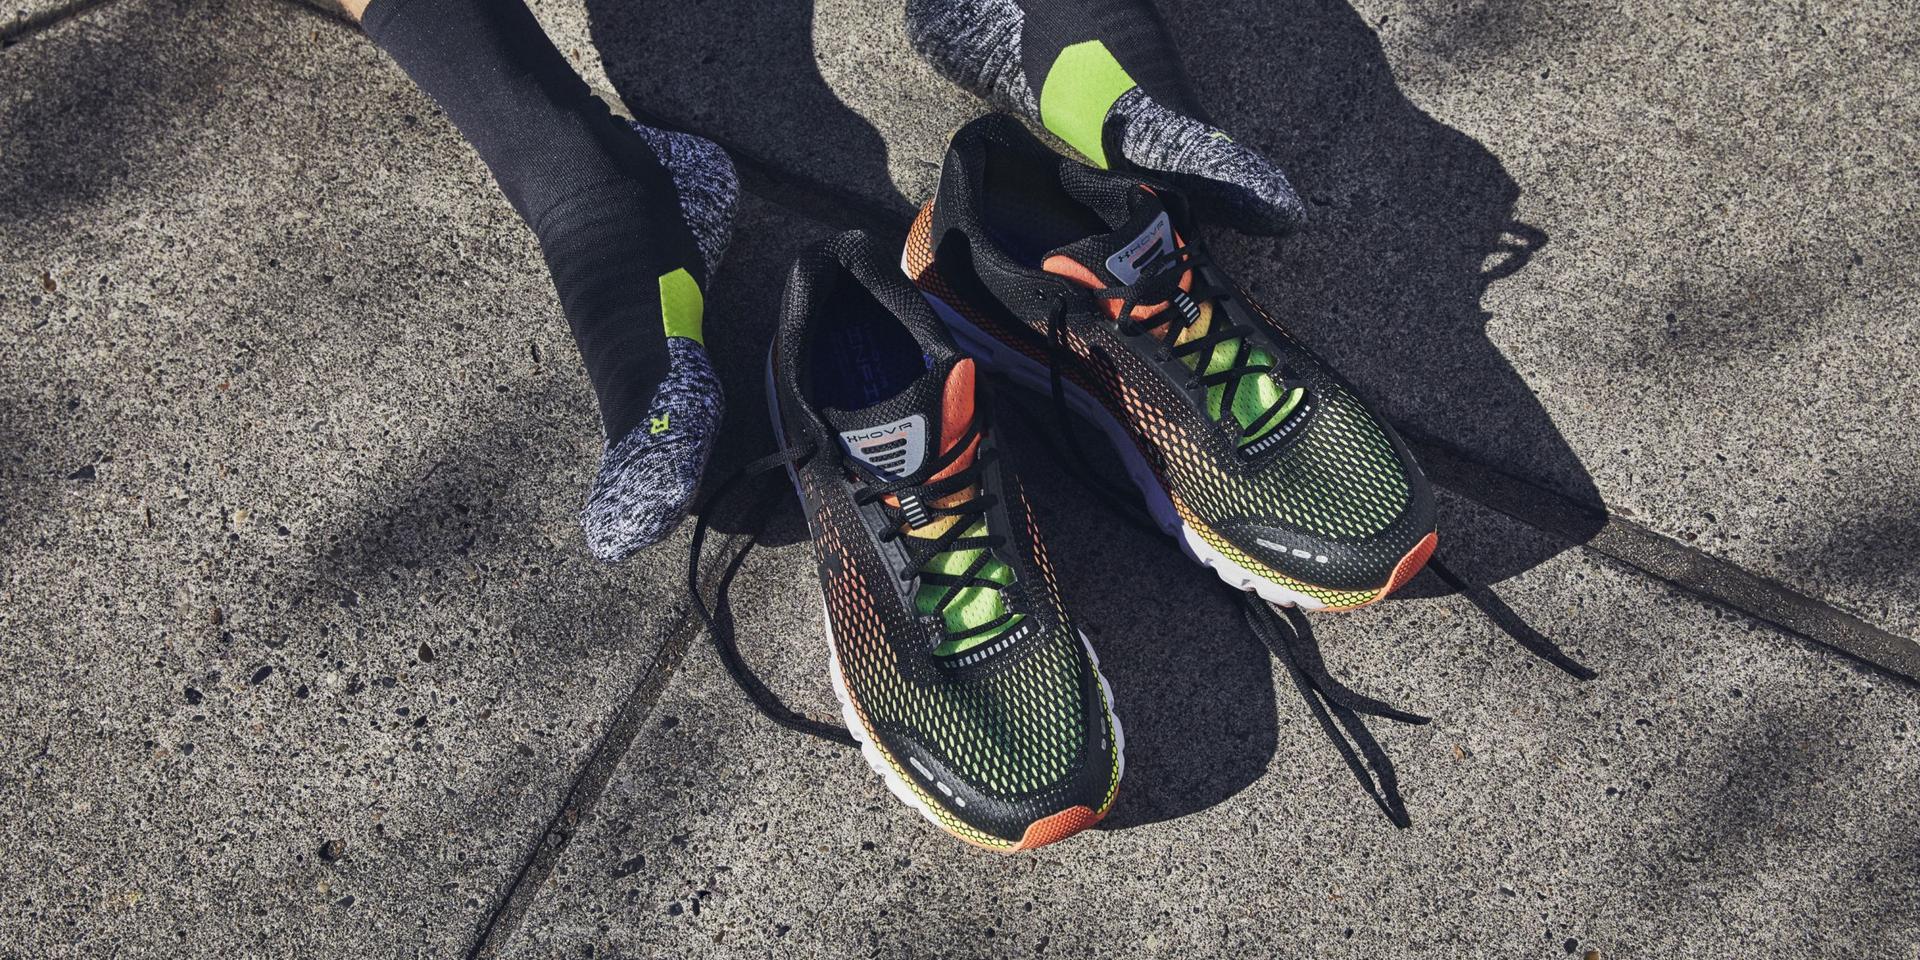 Laufschuhe – So findest du die besten. Tipps bei SportScheck